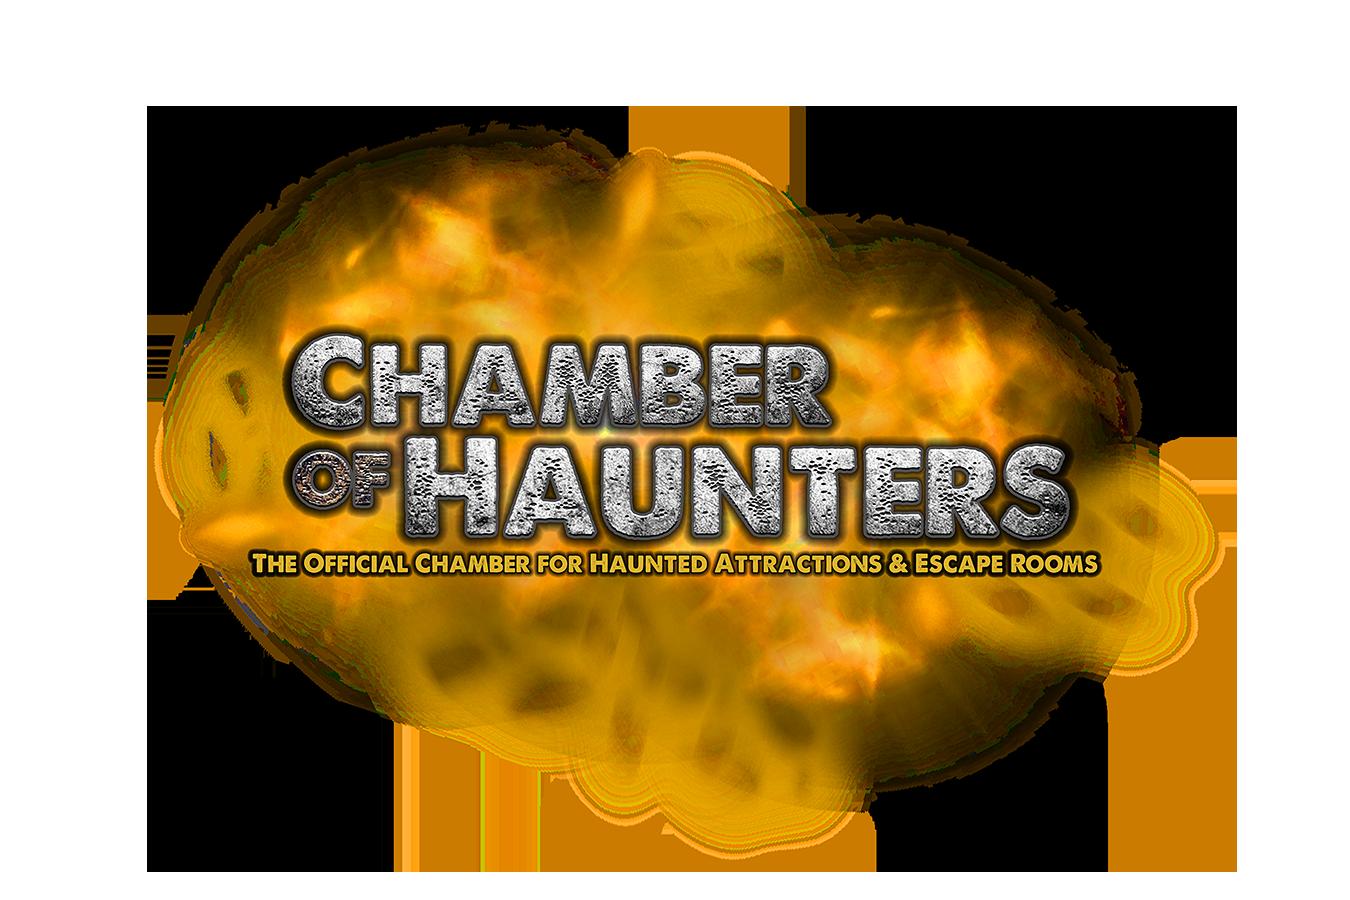 Chamber of Haunters